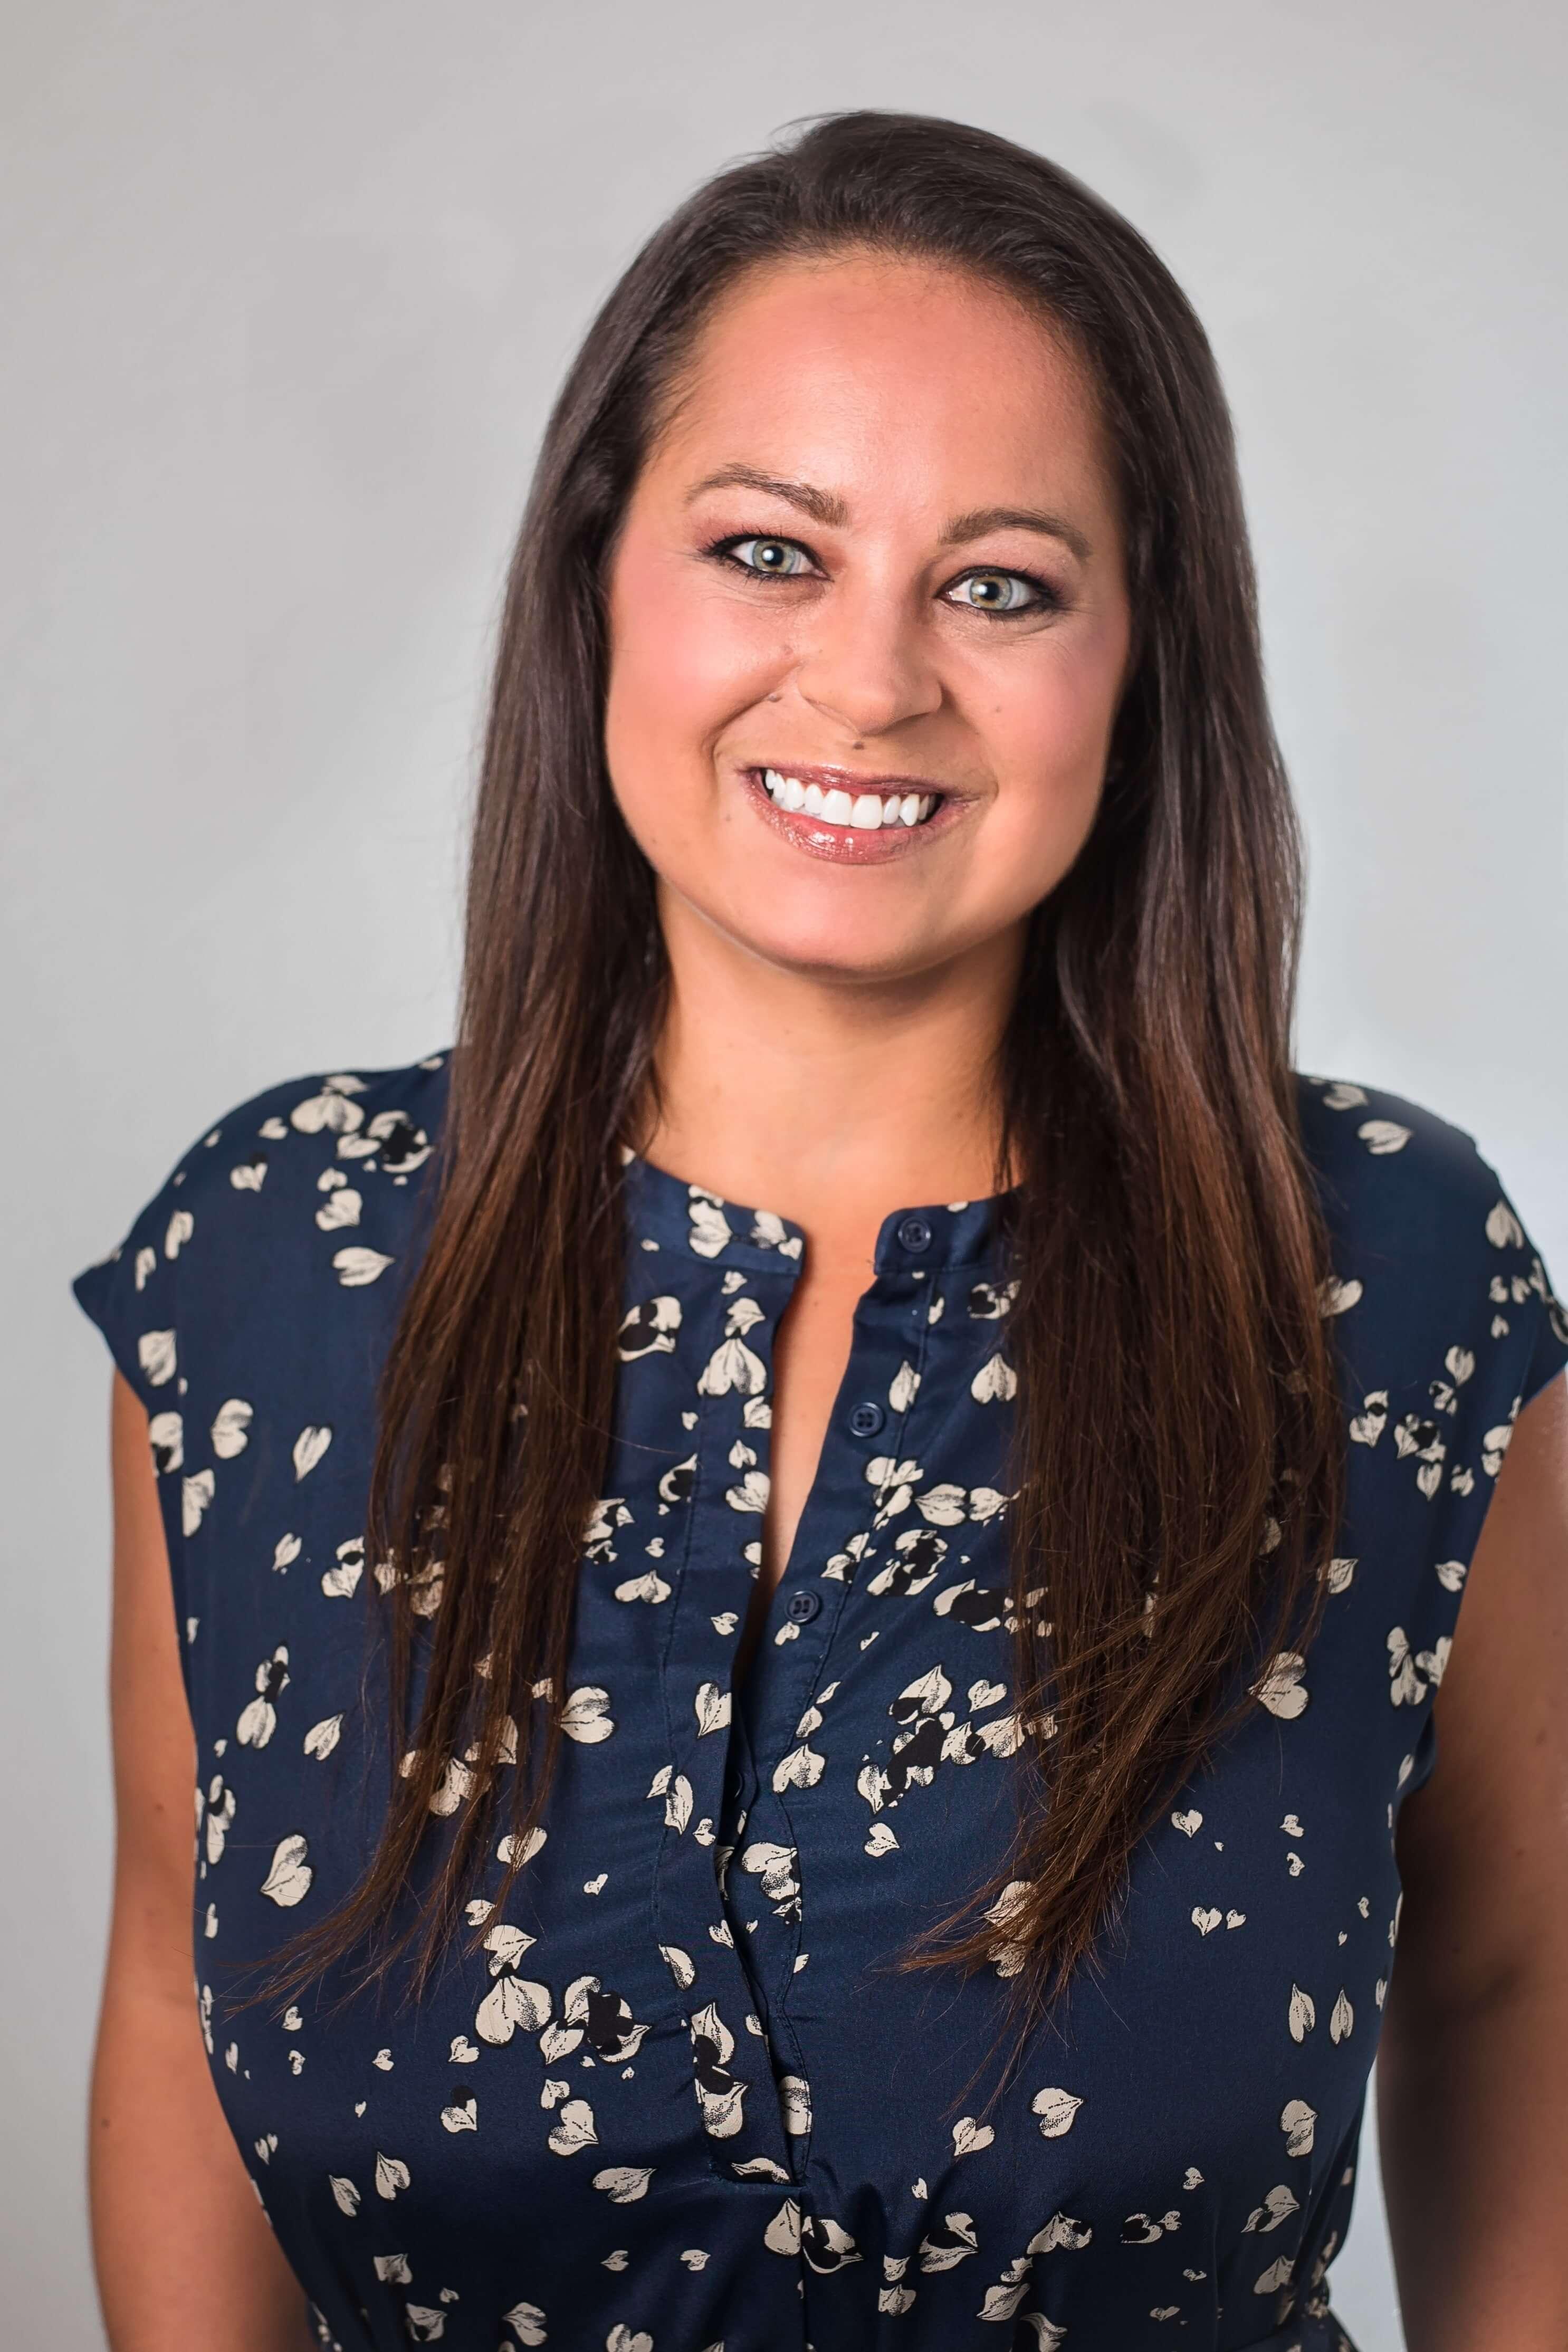 Heather Kastanis